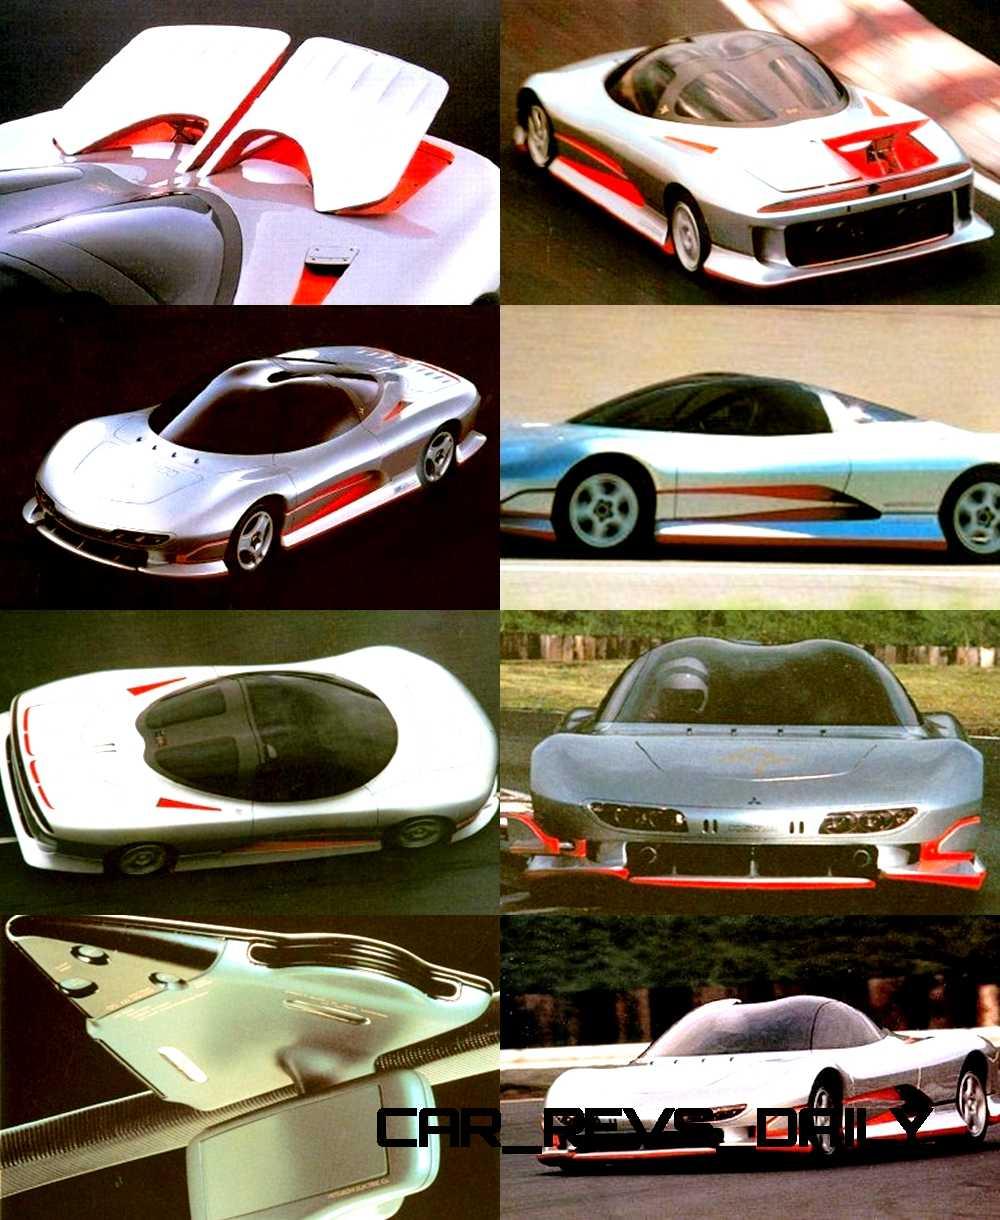 1989 Mitsubishi Hsr Ii Concept